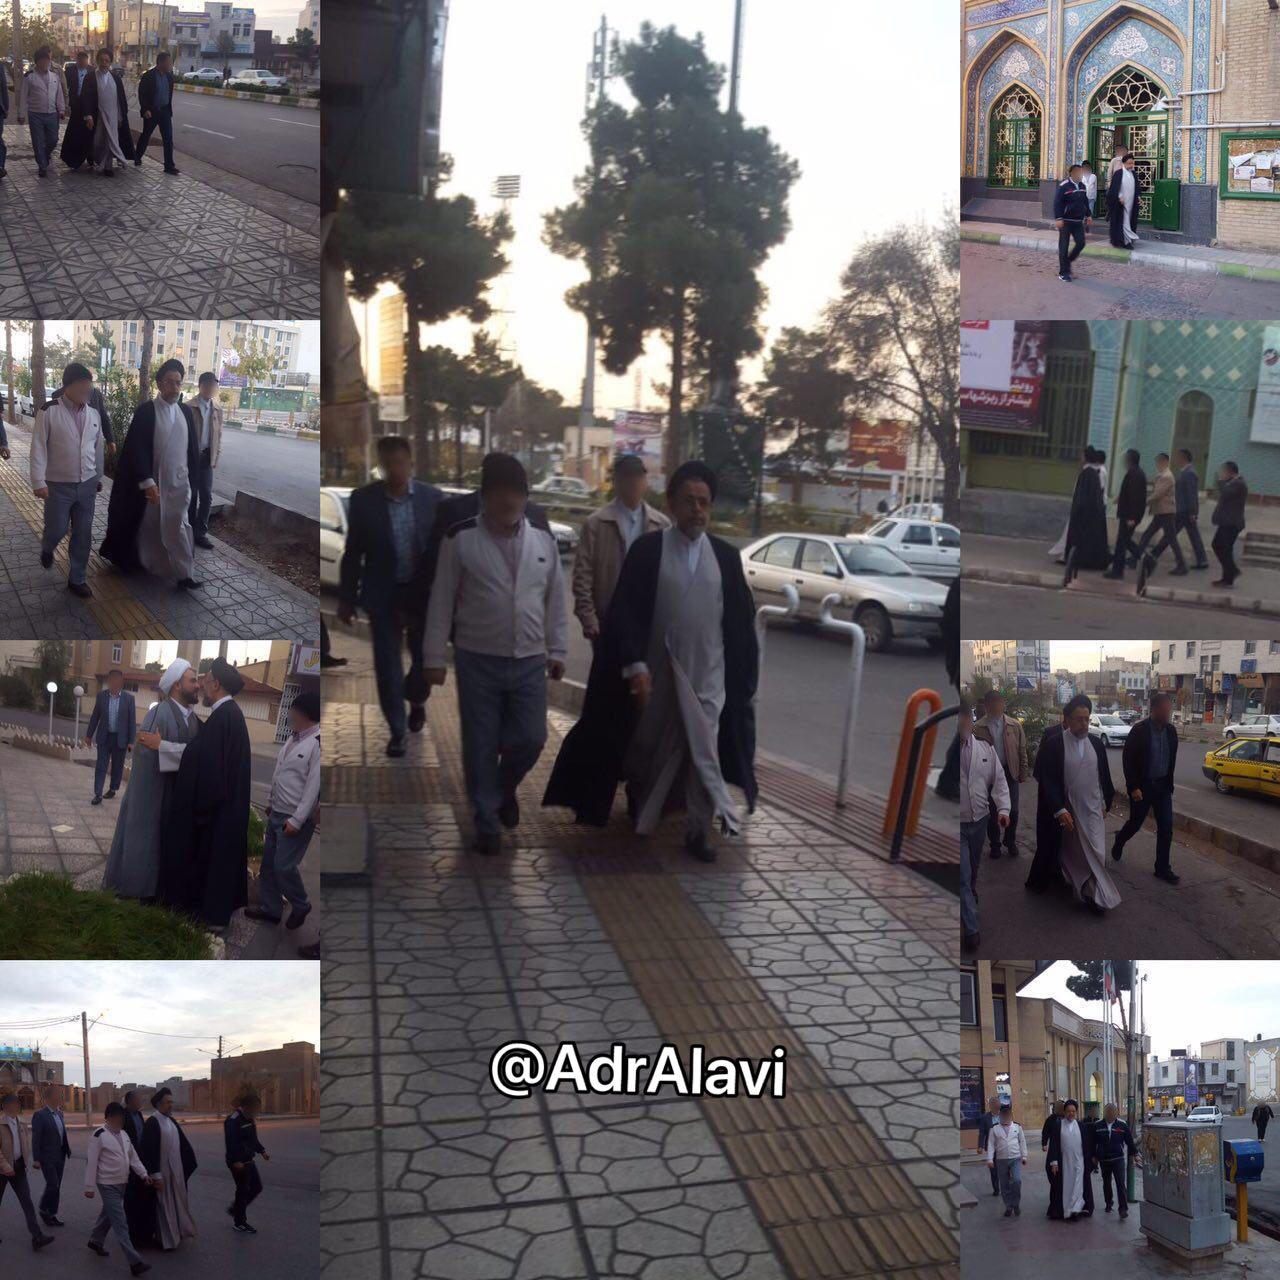 پیاده روی وزیر اطلاعات در سمنان + عکس